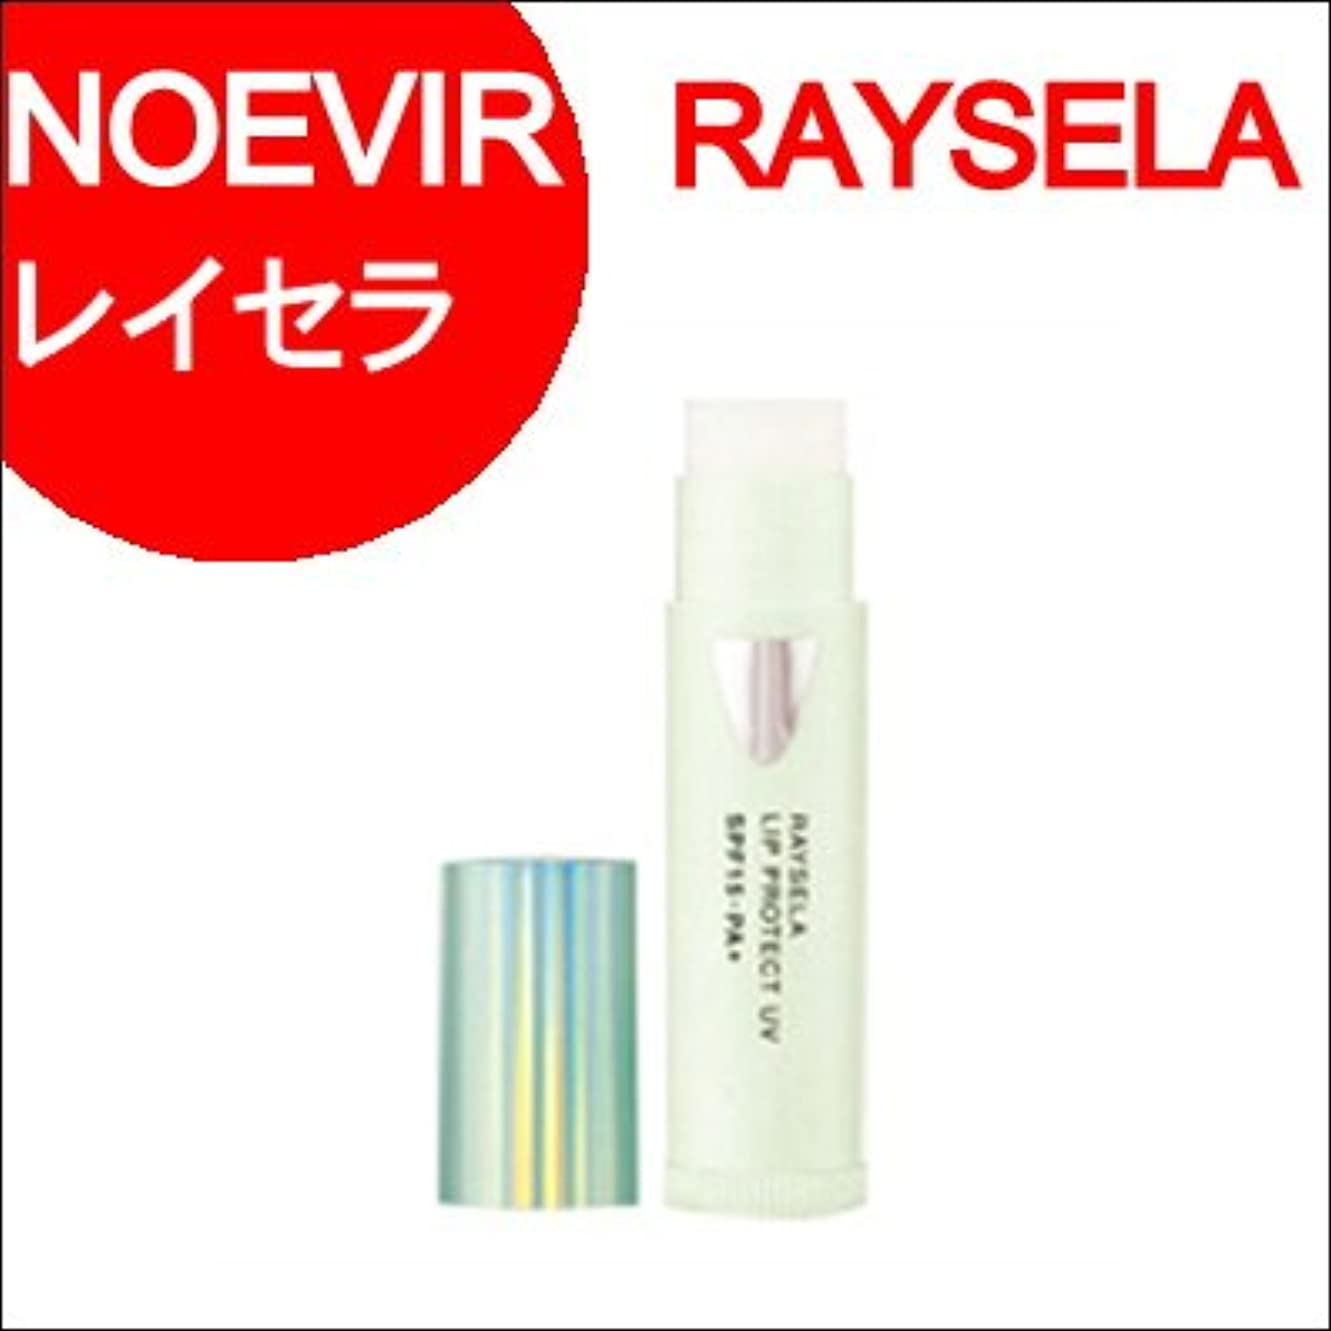 魅力的香水メリーノエビア レイセラ リッププロテクトUV SPF15?PA+ [並行輸入品]